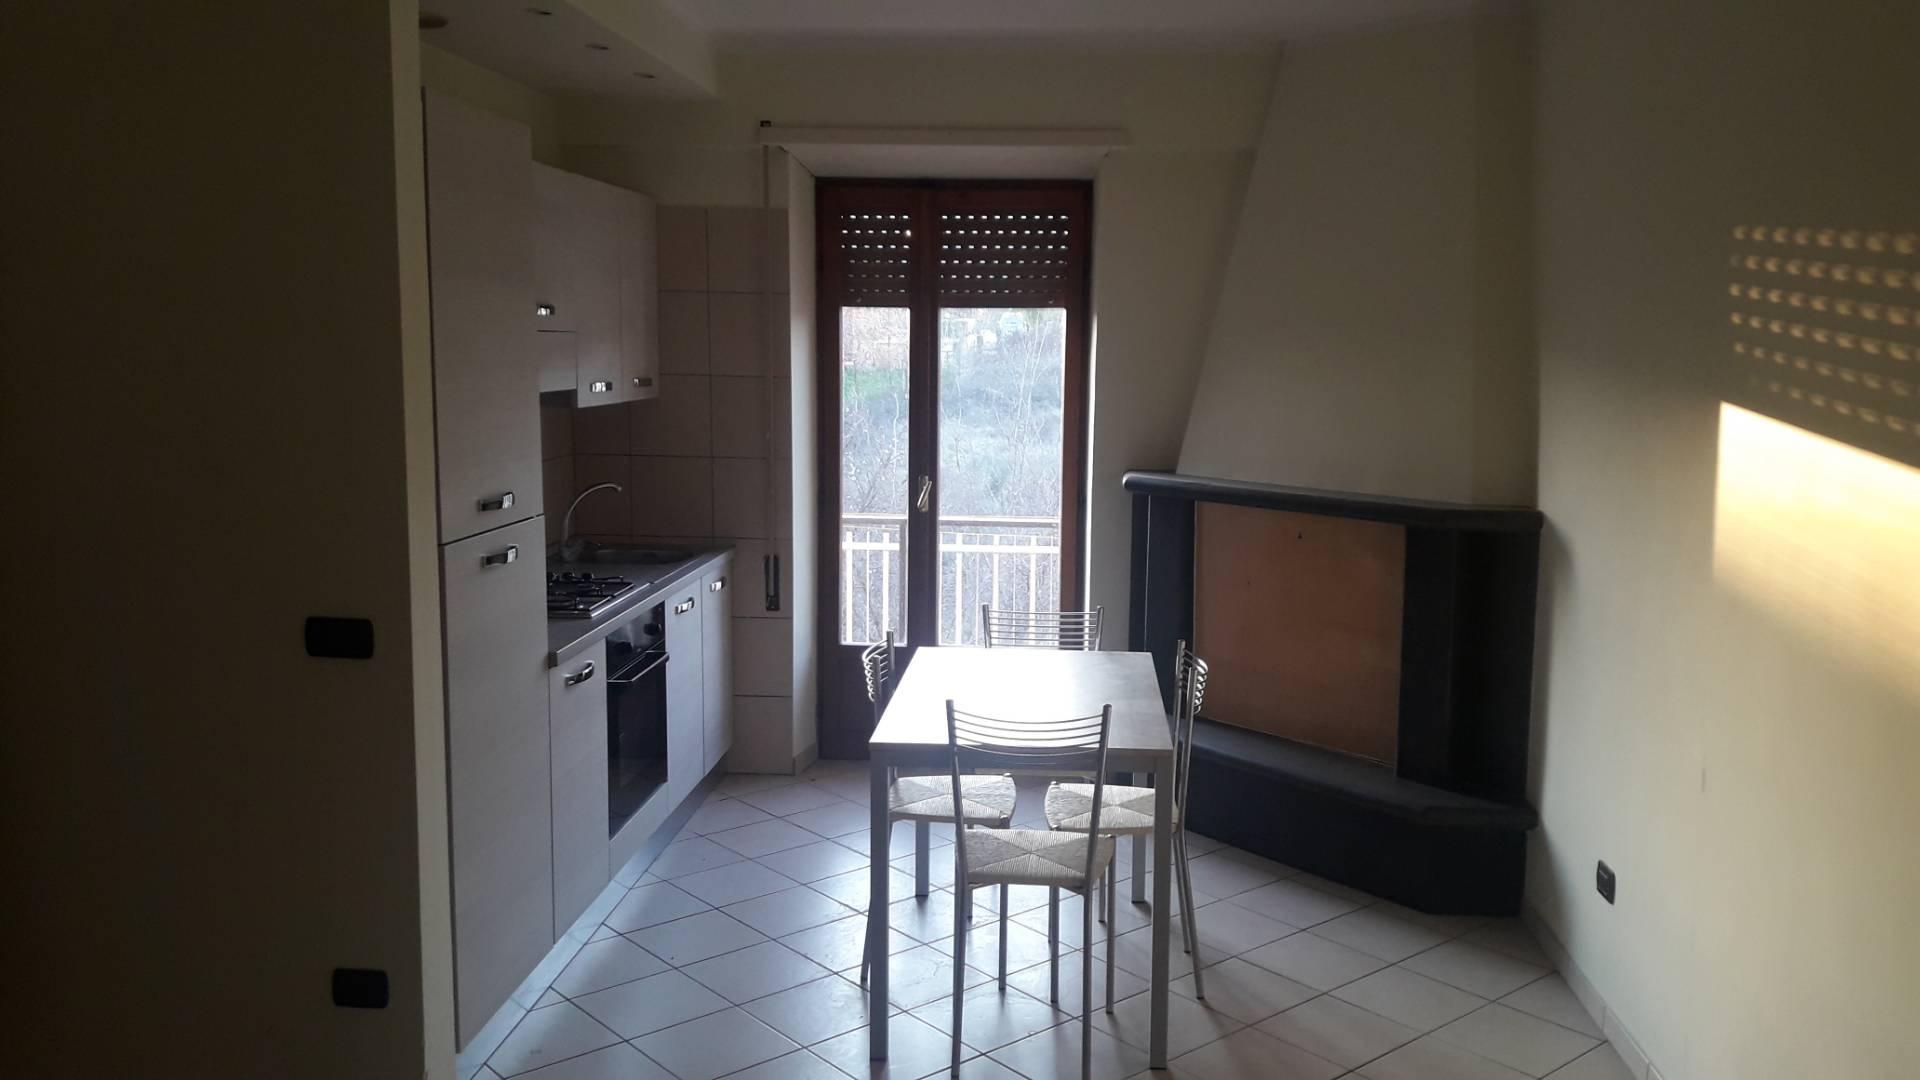 Appartamento in affitto a Frosinone, 4 locali, zona Zona: Centro, prezzo € 450 | CambioCasa.it